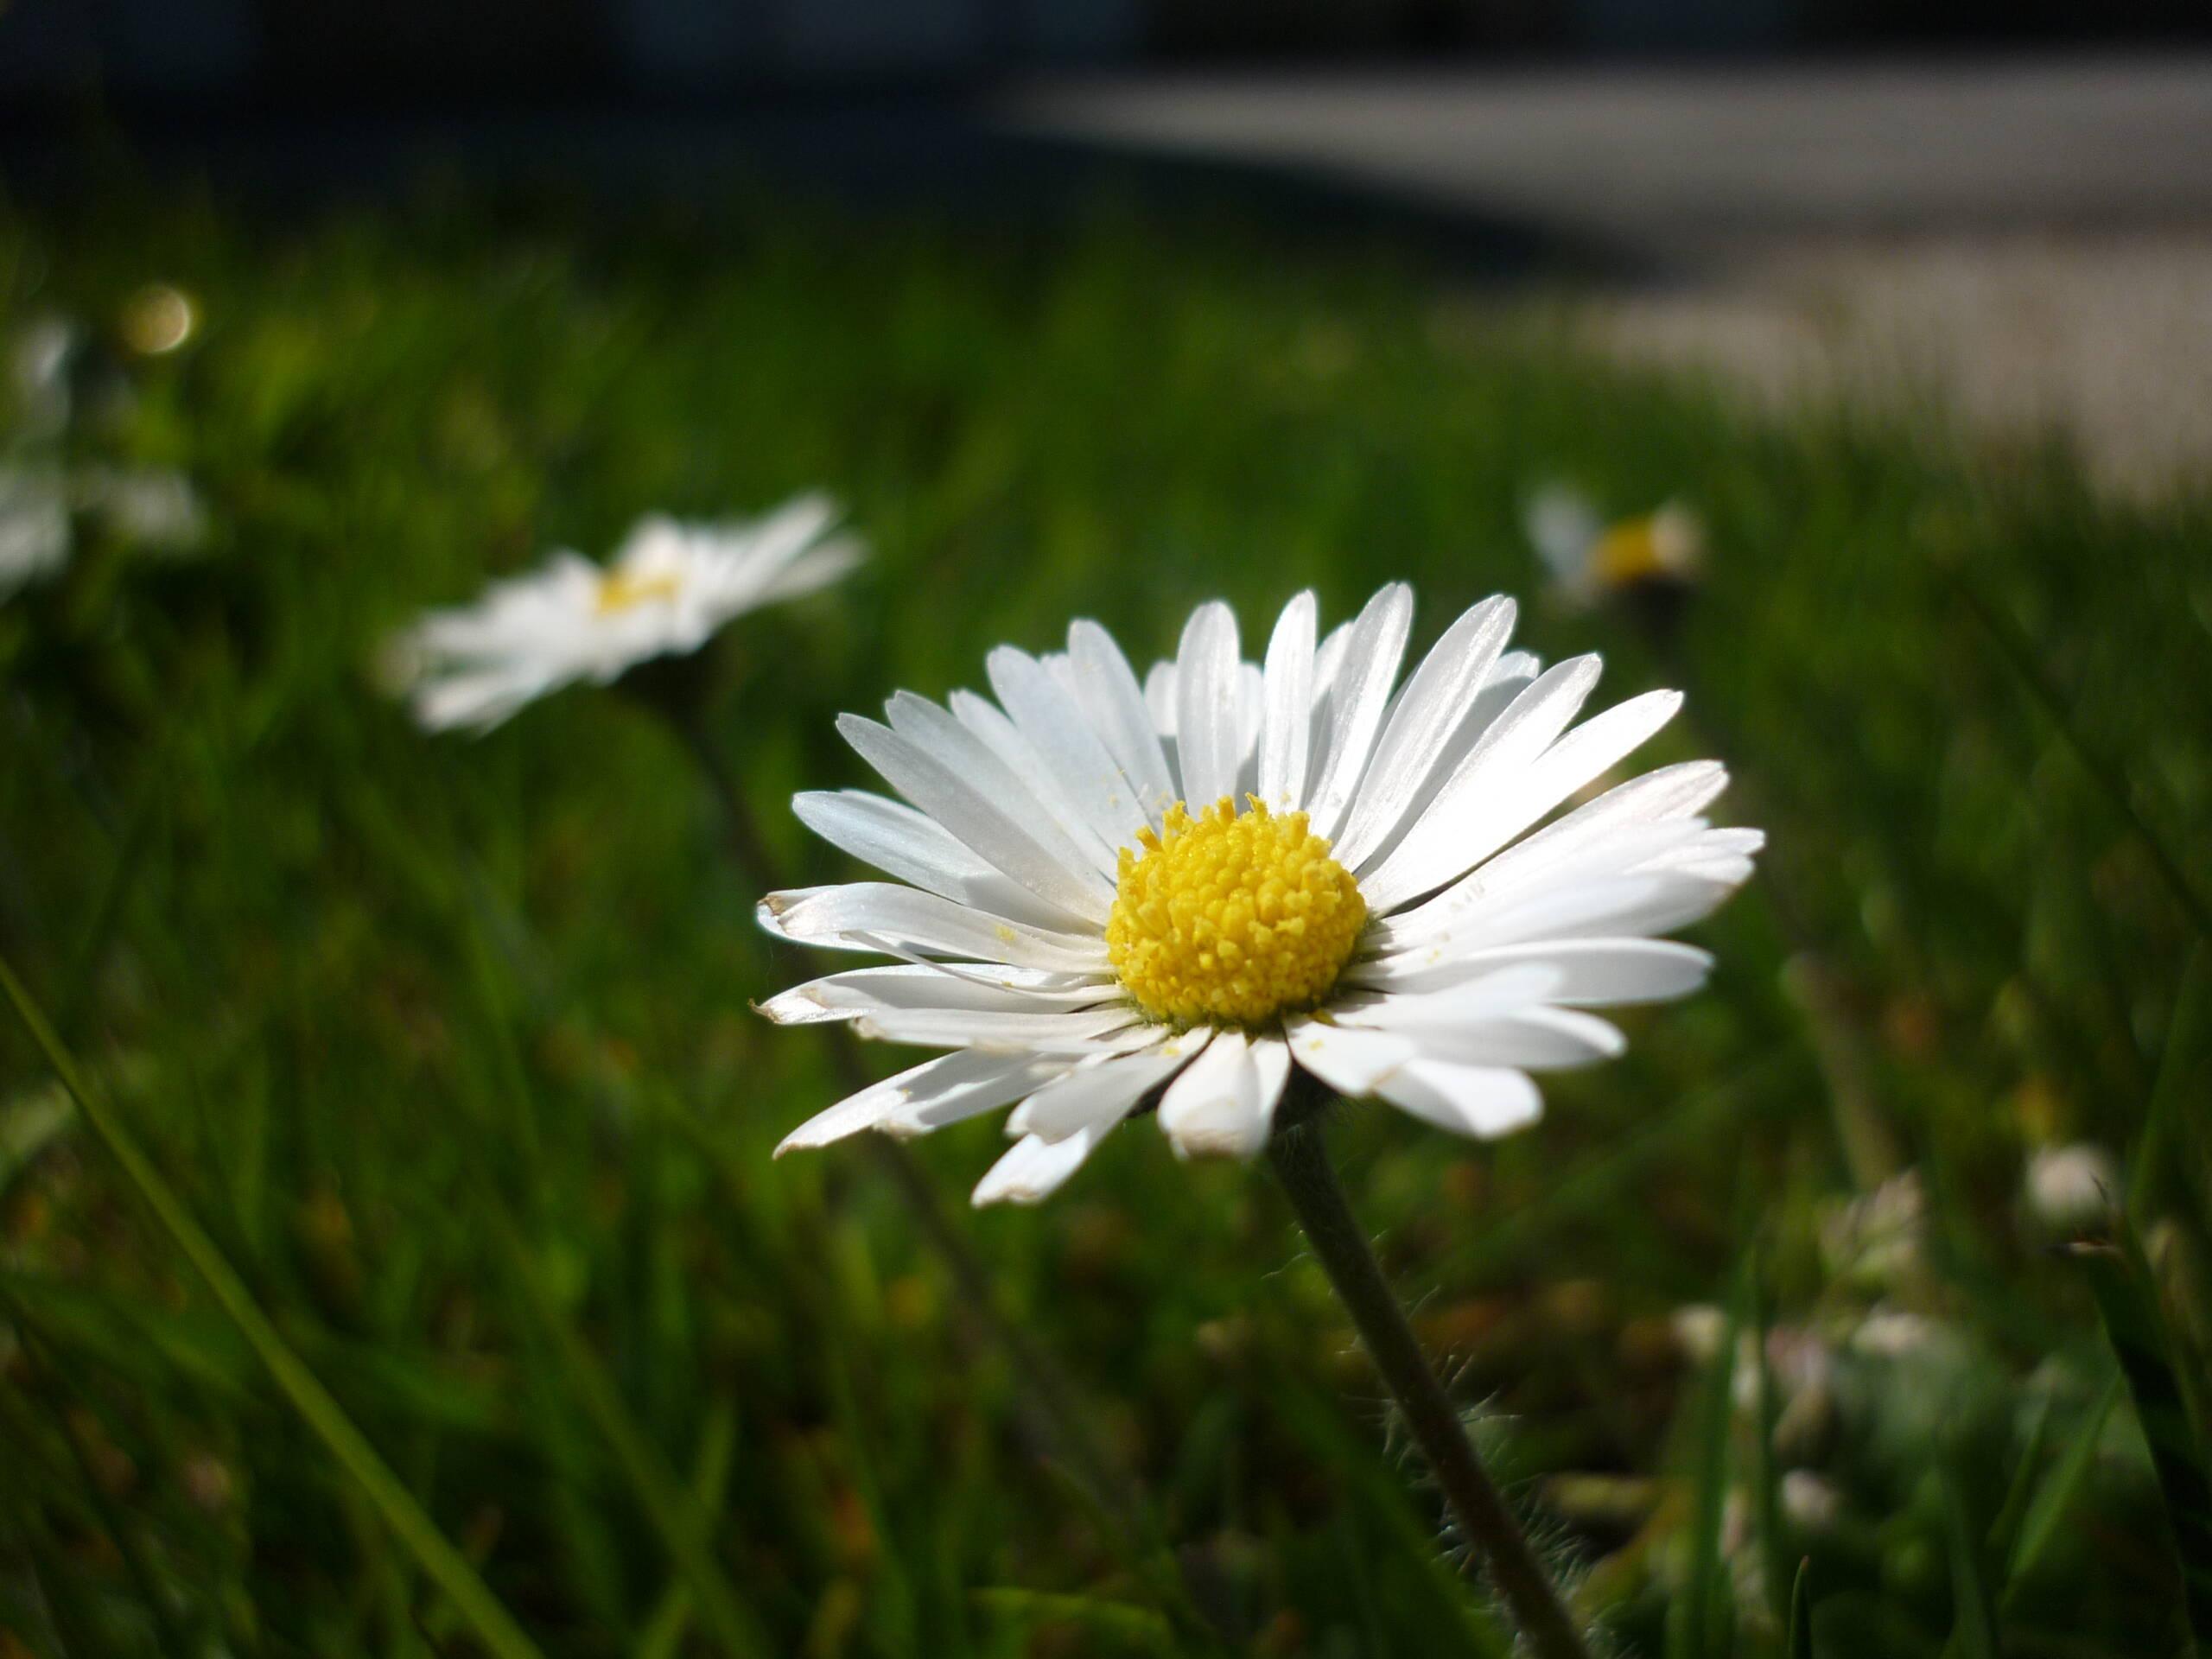 Concours photo : la nature à Surgères!